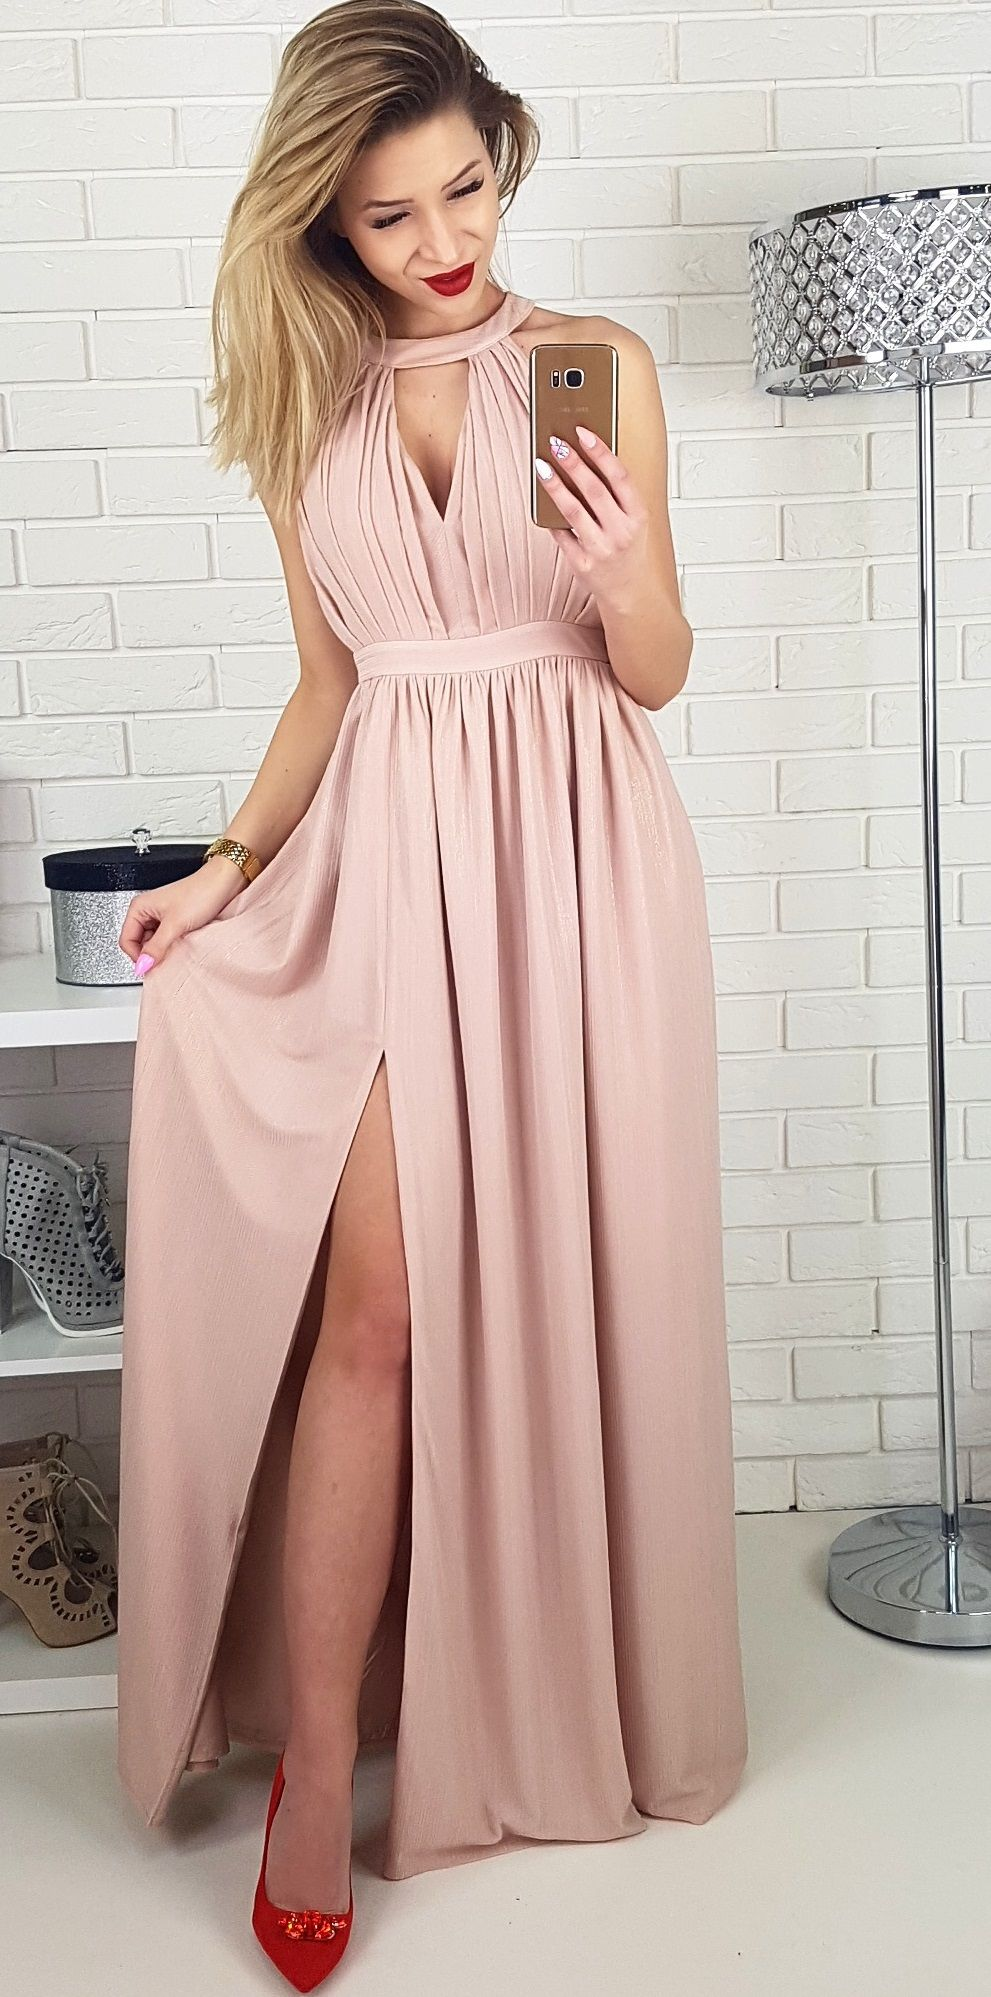 563a9d2b1e Długa sukienka dla druhny  na wesele